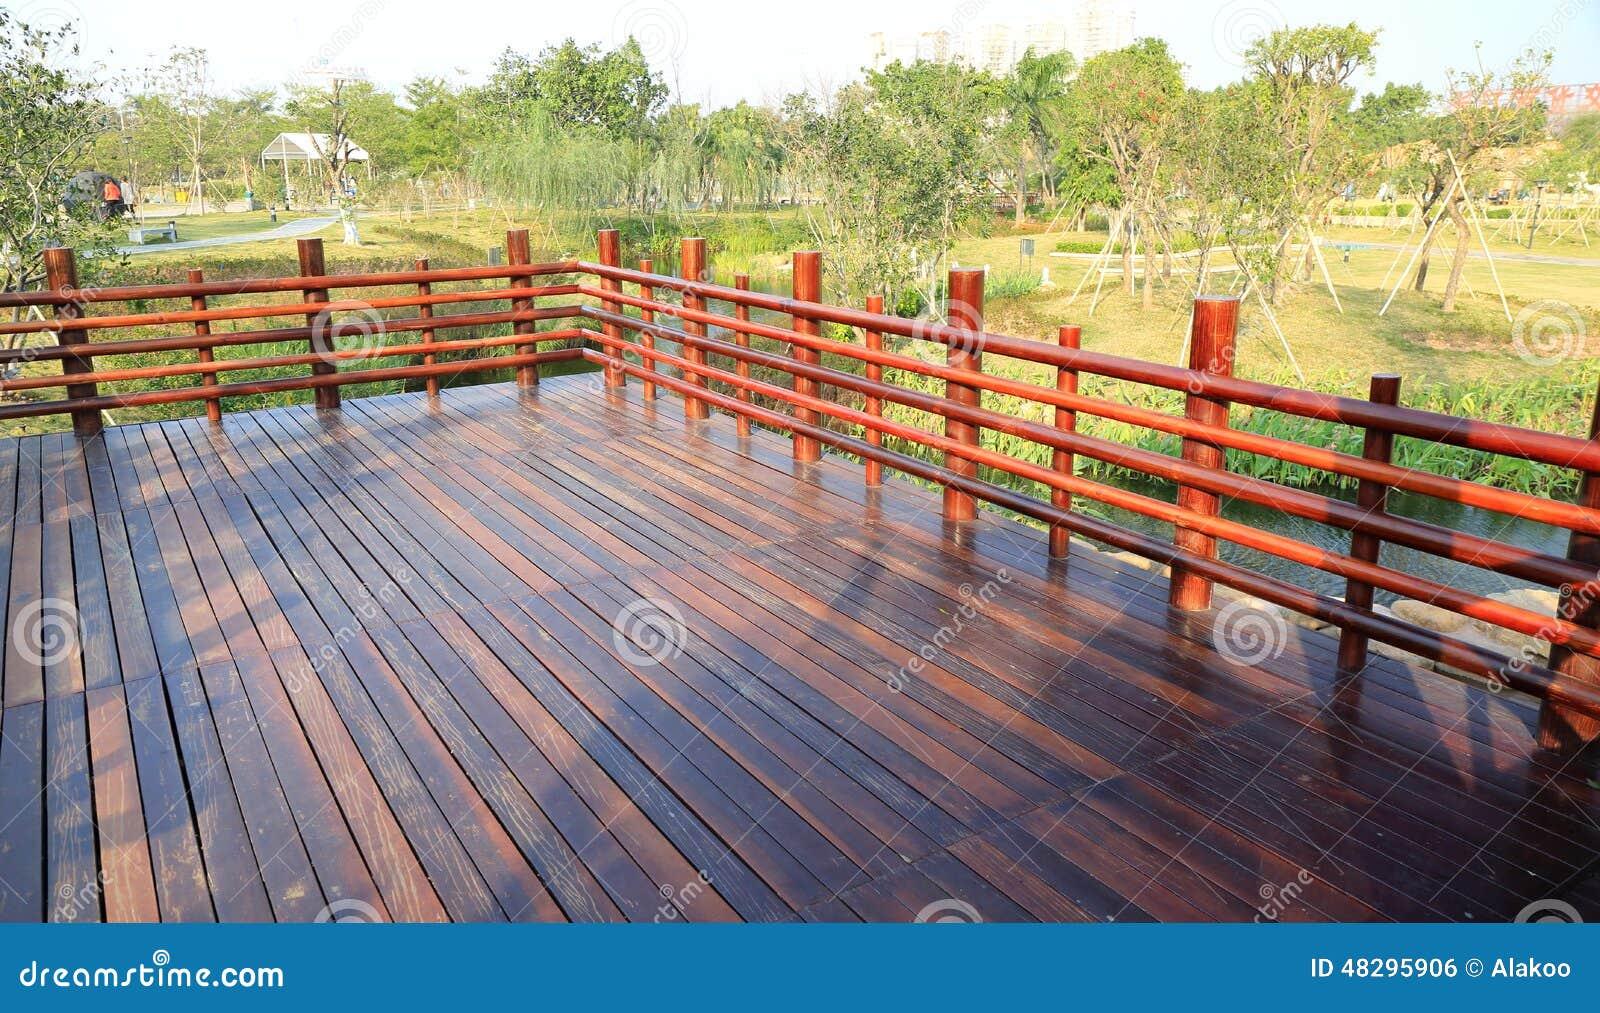 Plataforma de madeira, terraço de madeira com balaustrada de madeira